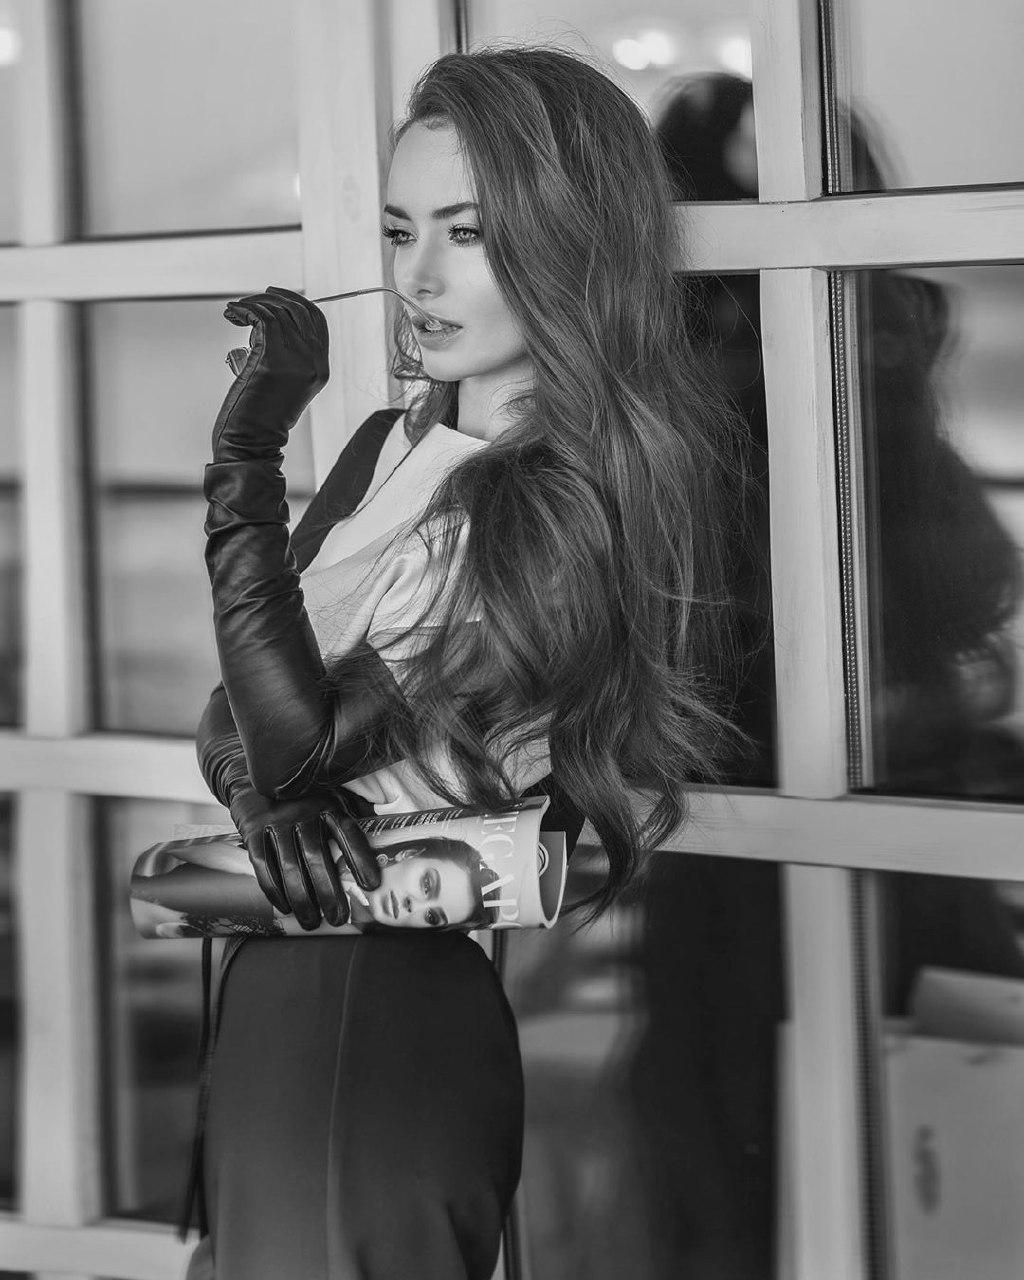 Міжнародний день краси 2020: найкрасивіші жінки України